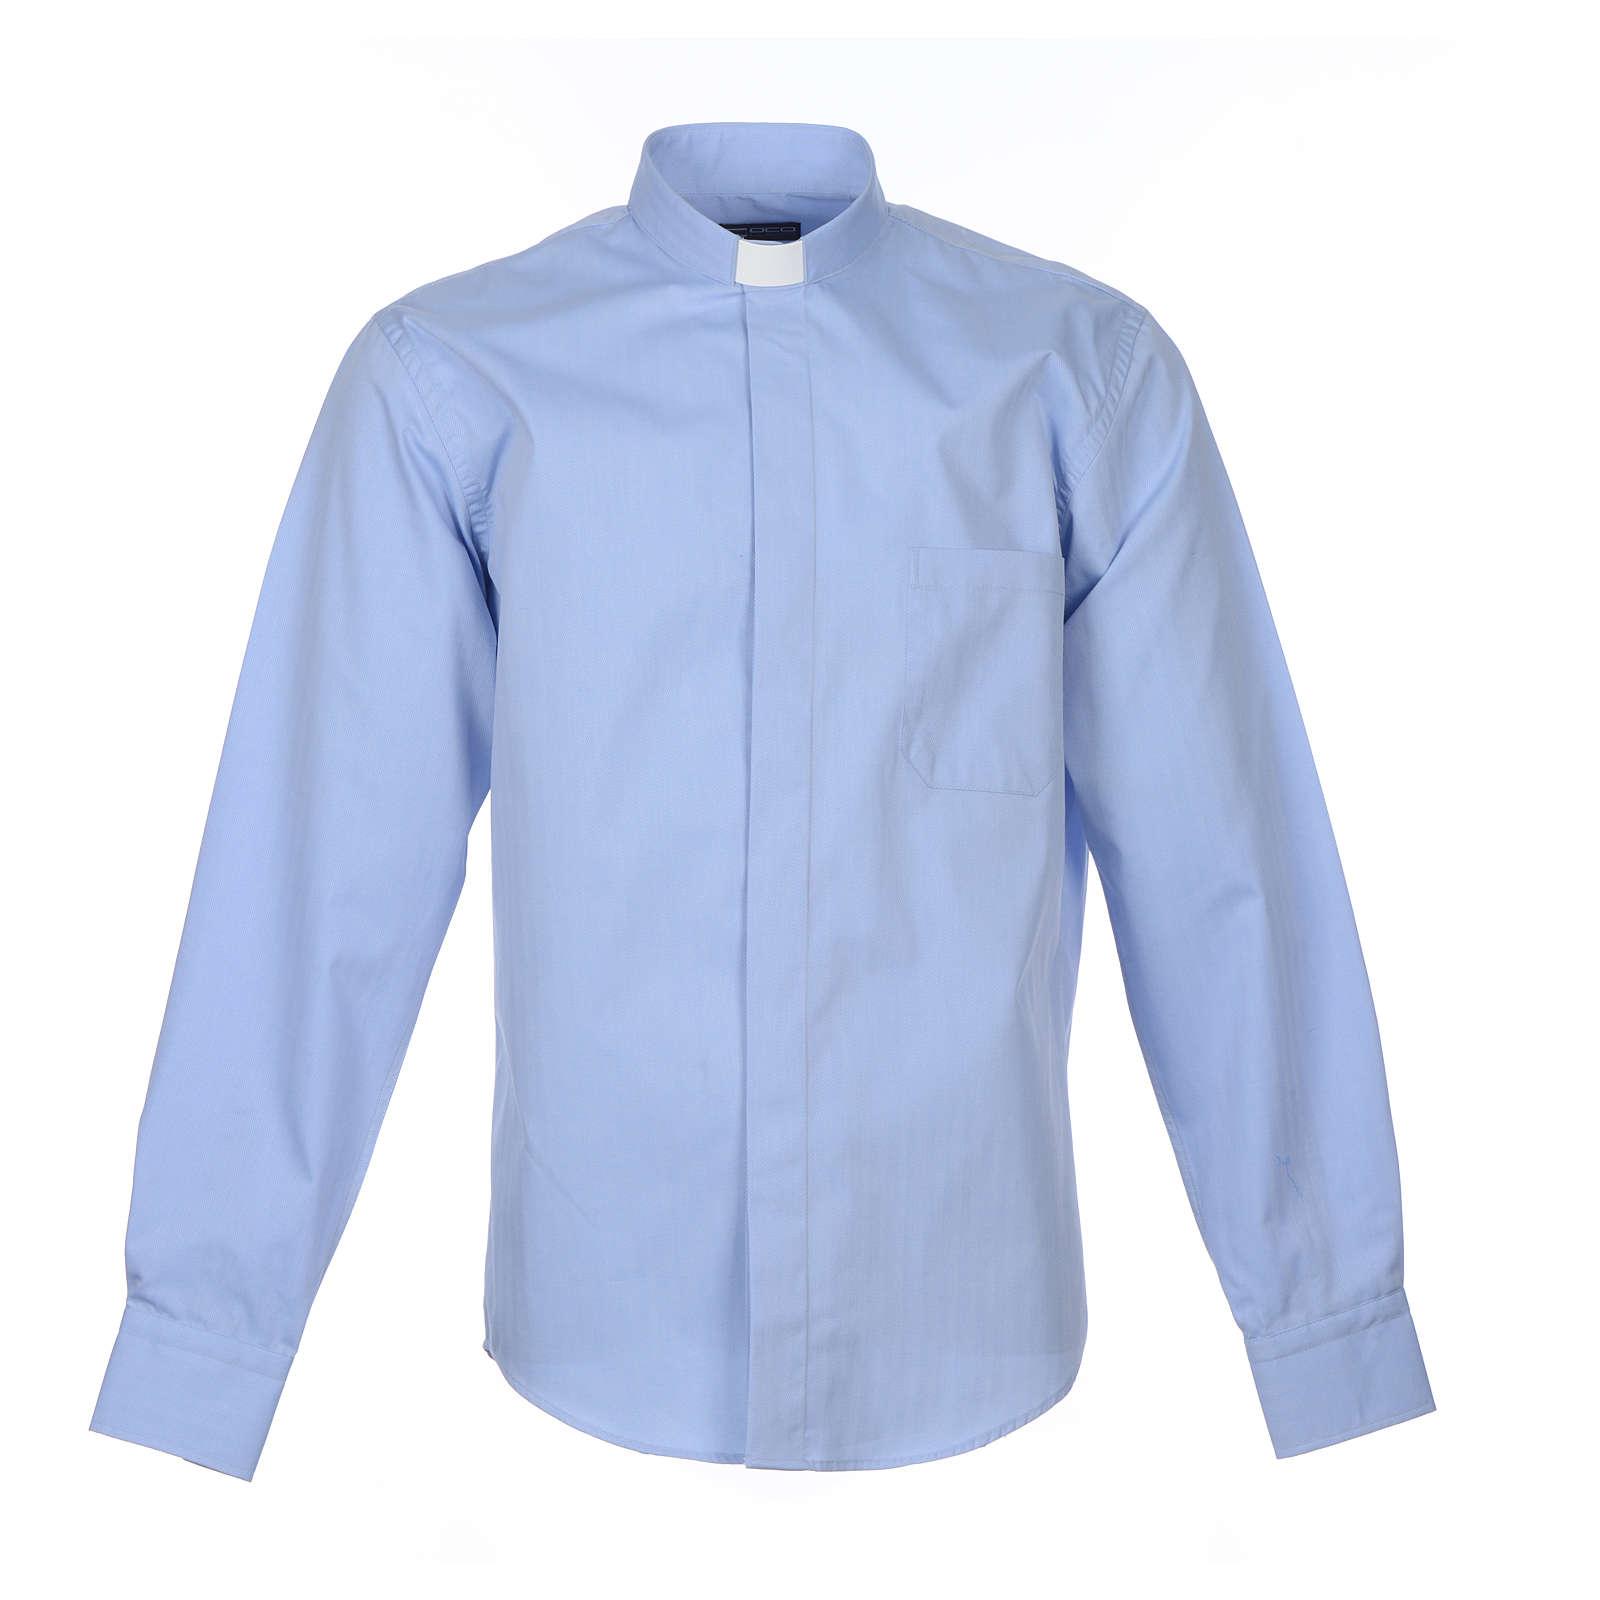 Camisa clergy M/L passo fácil espinha misto algodão azul claro 4